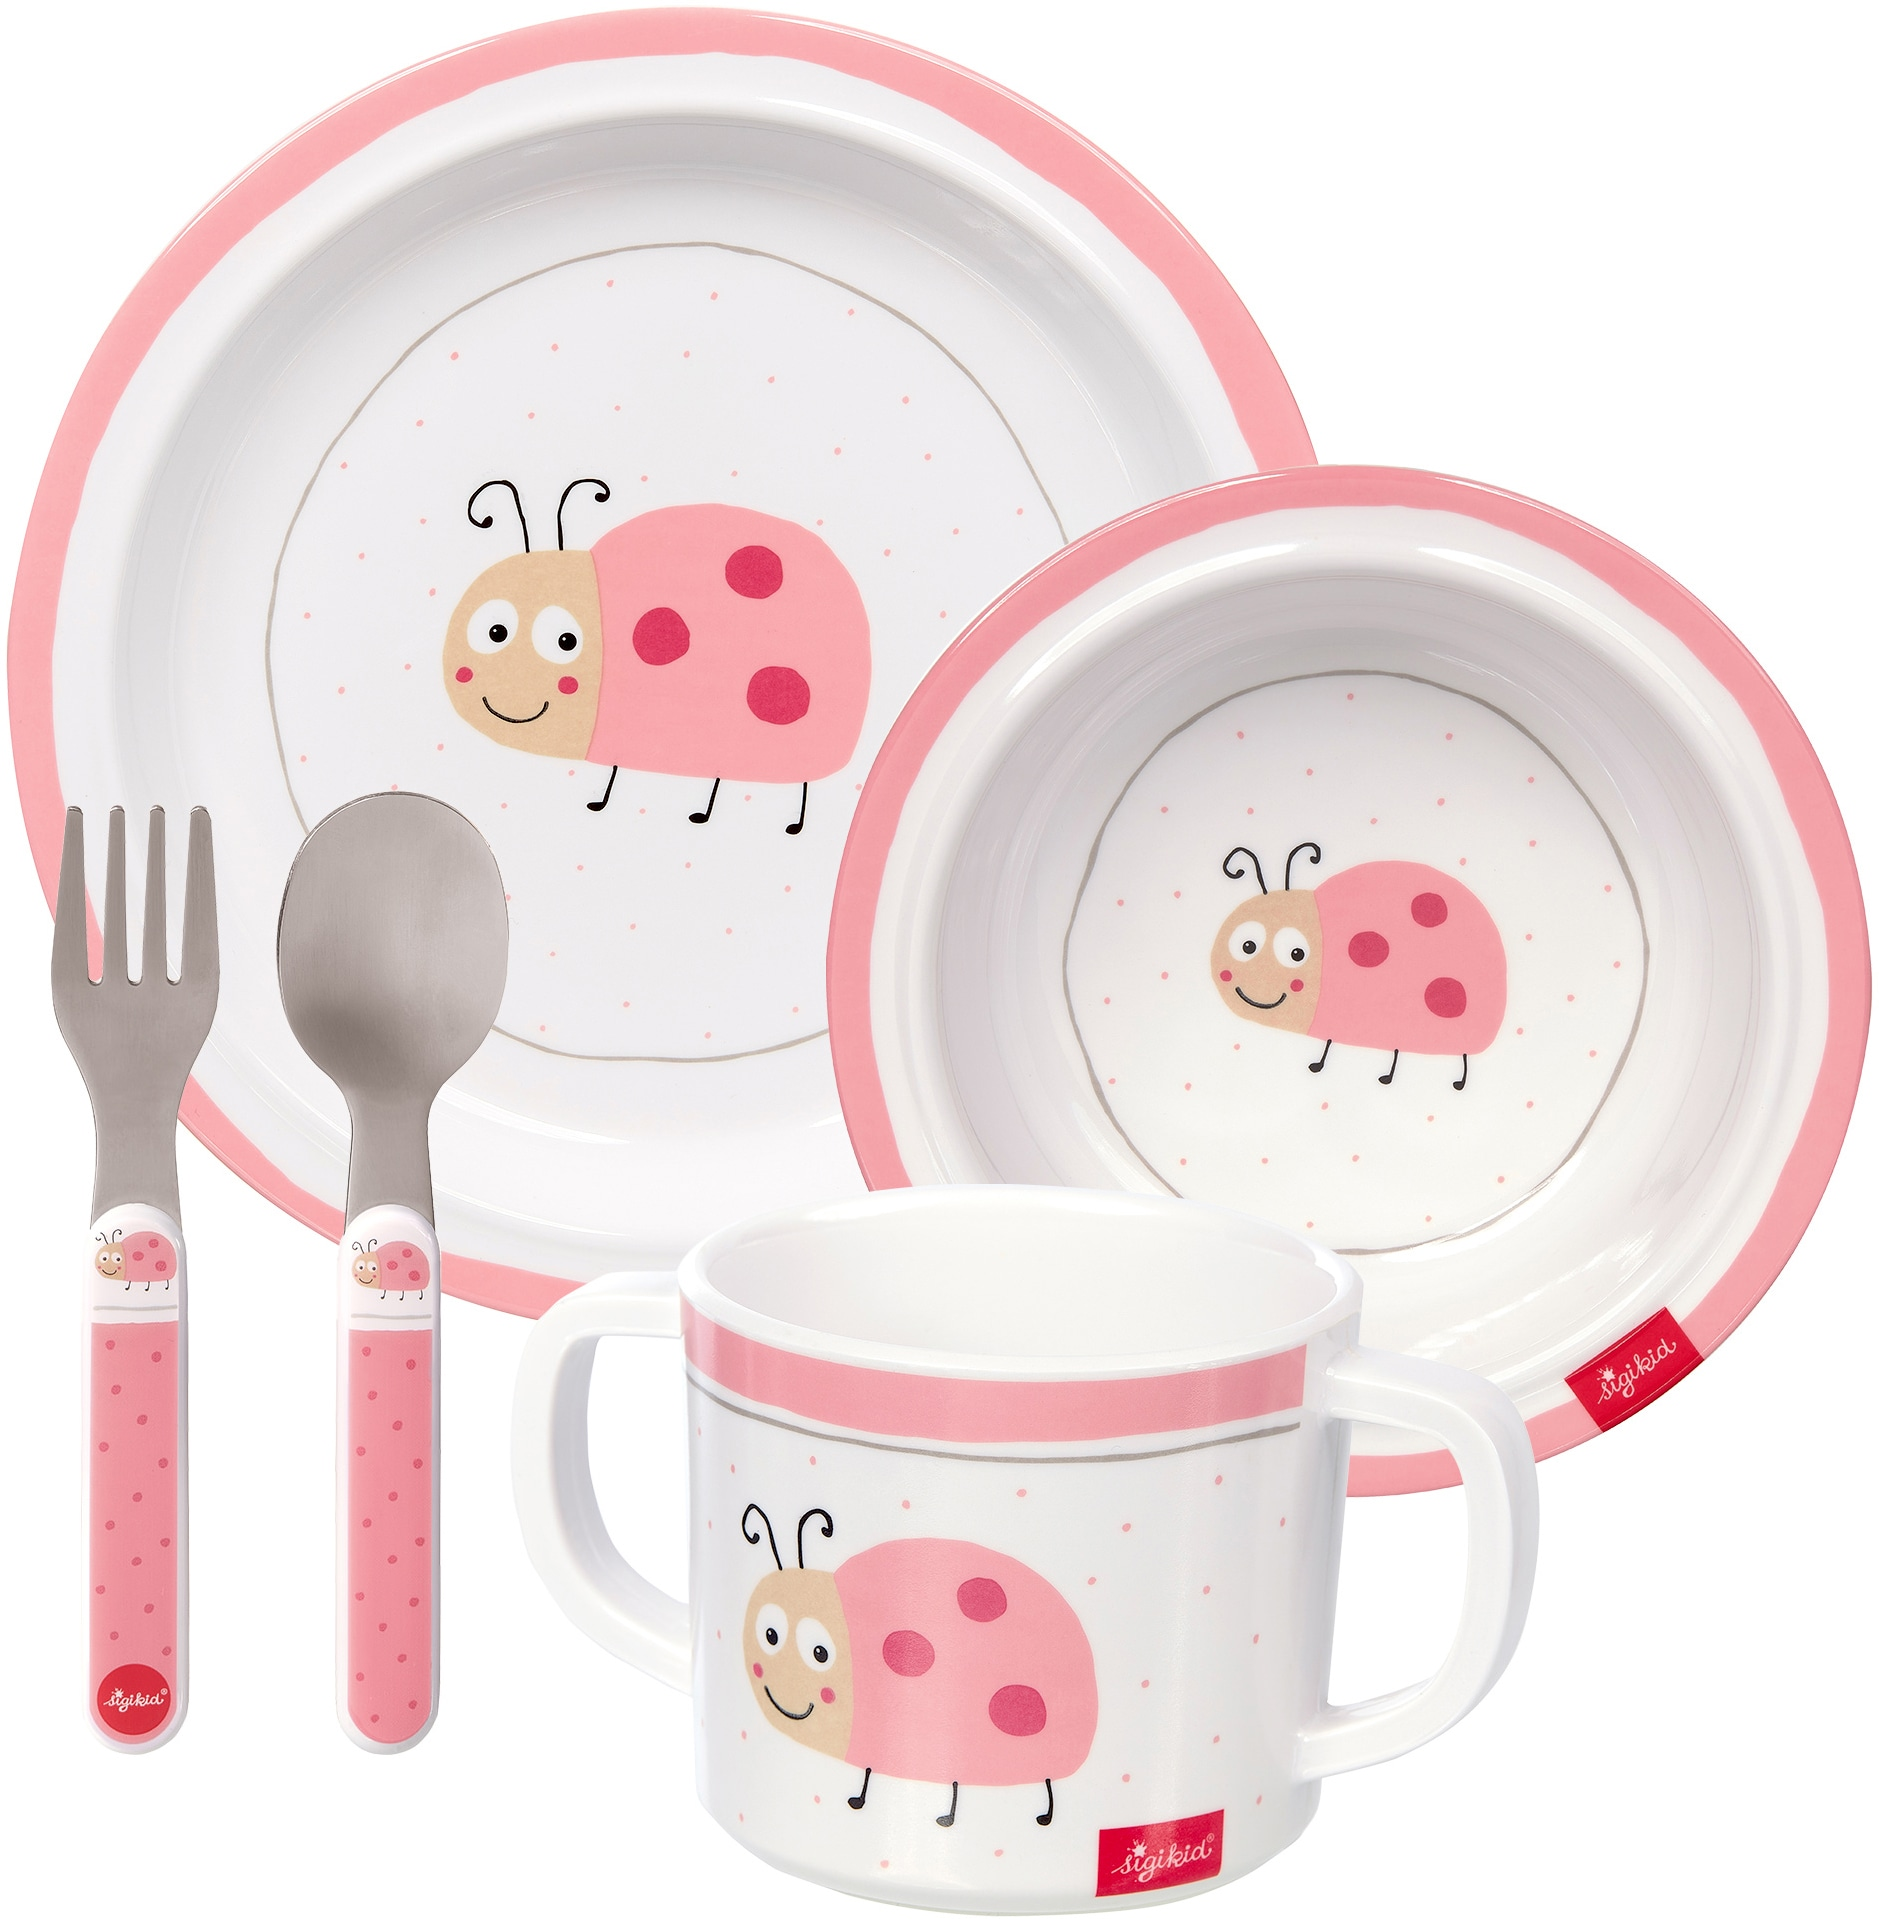 Sigikid Kindergeschirr-Set Marienkäfer rosa Baby Kindergeschirr Geschirr, Porzellan Tischaccessoires Haushaltswaren